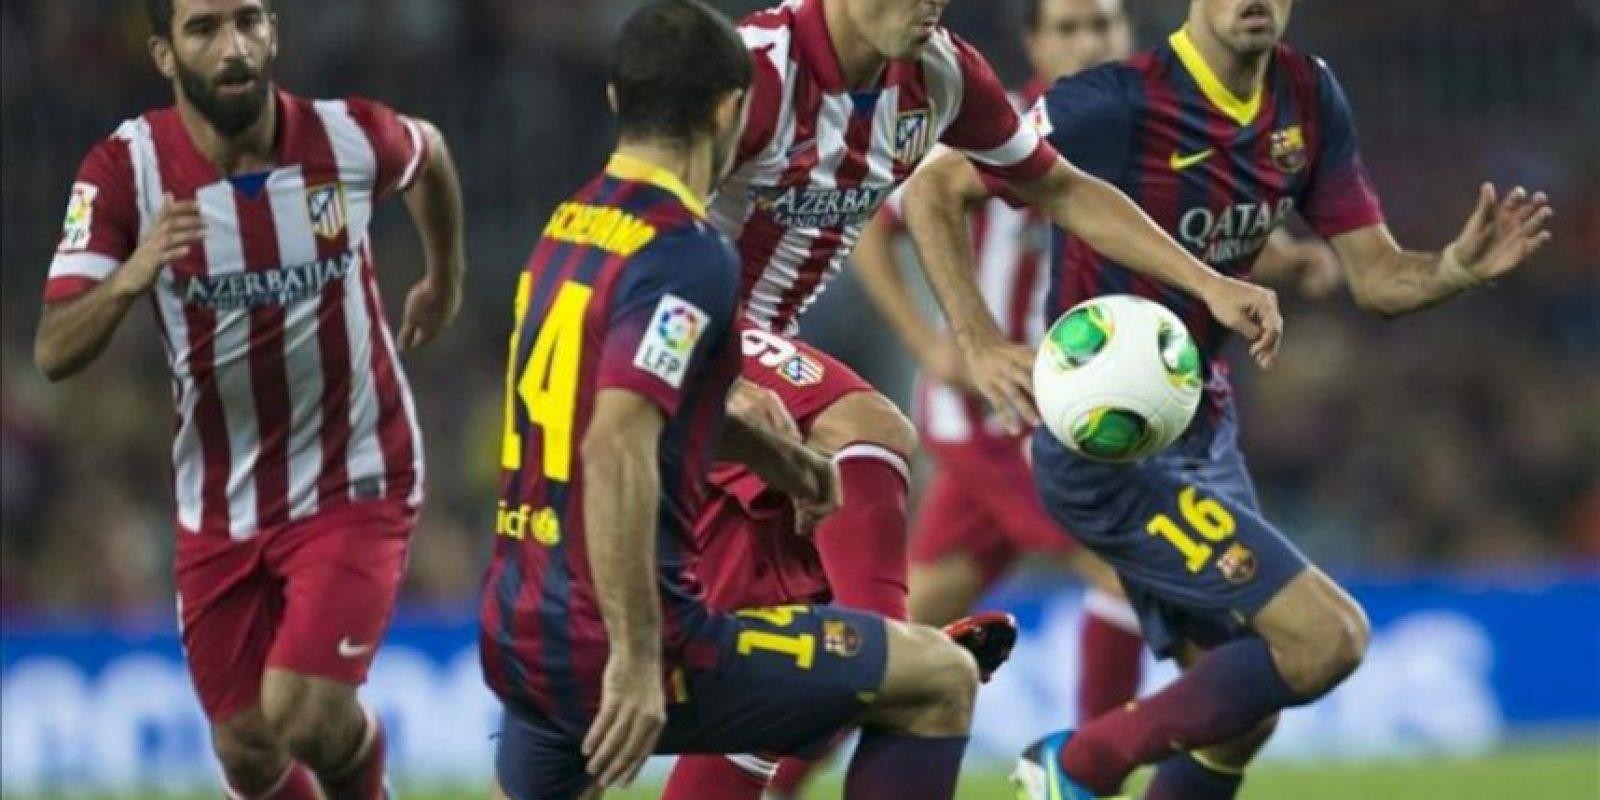 El defensa argentino del FC Barcelona, Javier Mascherano (2i), lucha el balón con David Villa (2d), del Atlético de Madrid, durante el partido de vuelta de la Supercopa de España que los dos equipos disputaron en el Camp Nou, en Barcelona. EFE